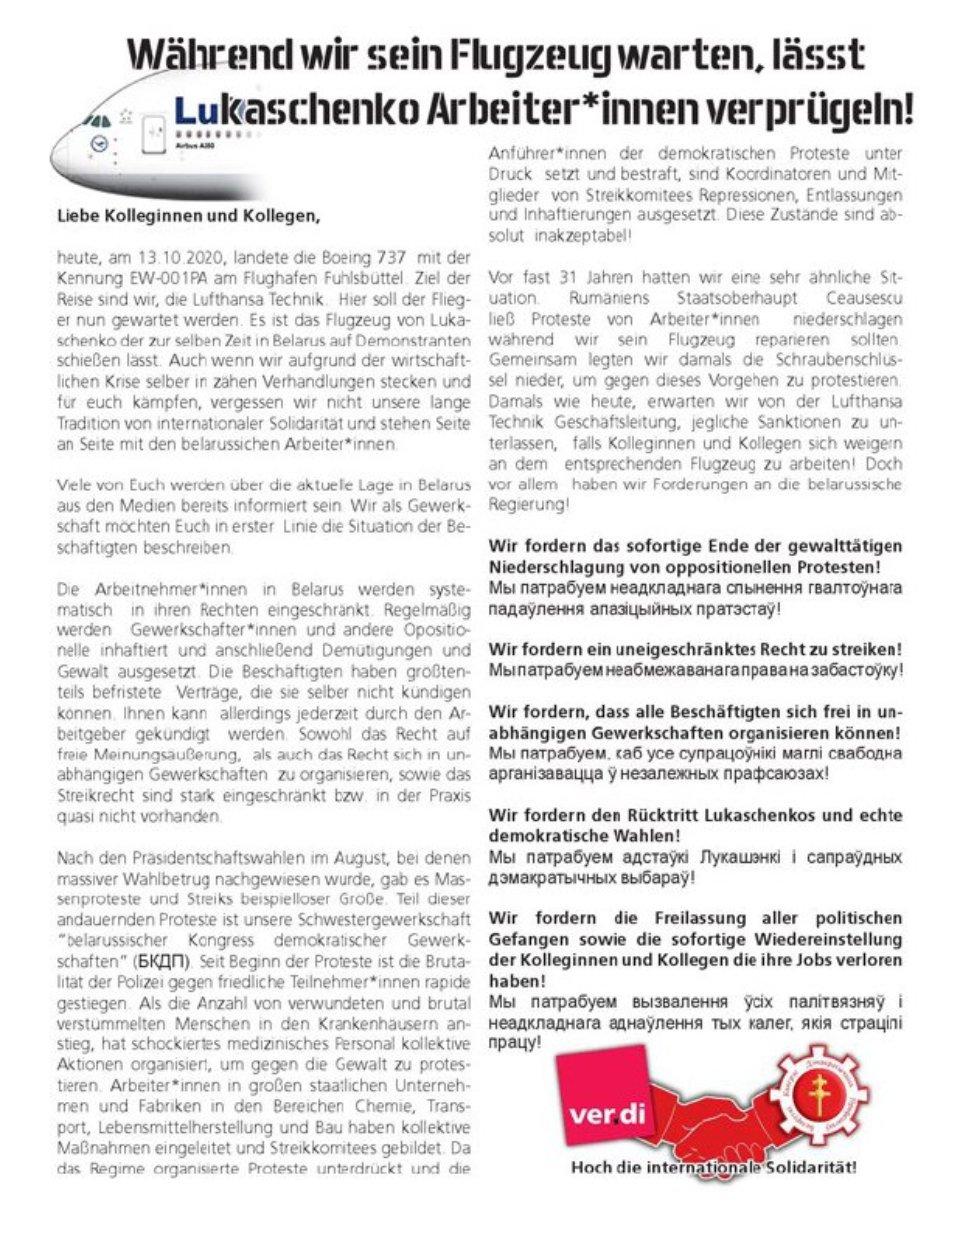 Листівка профспілки Verdi / Onliner